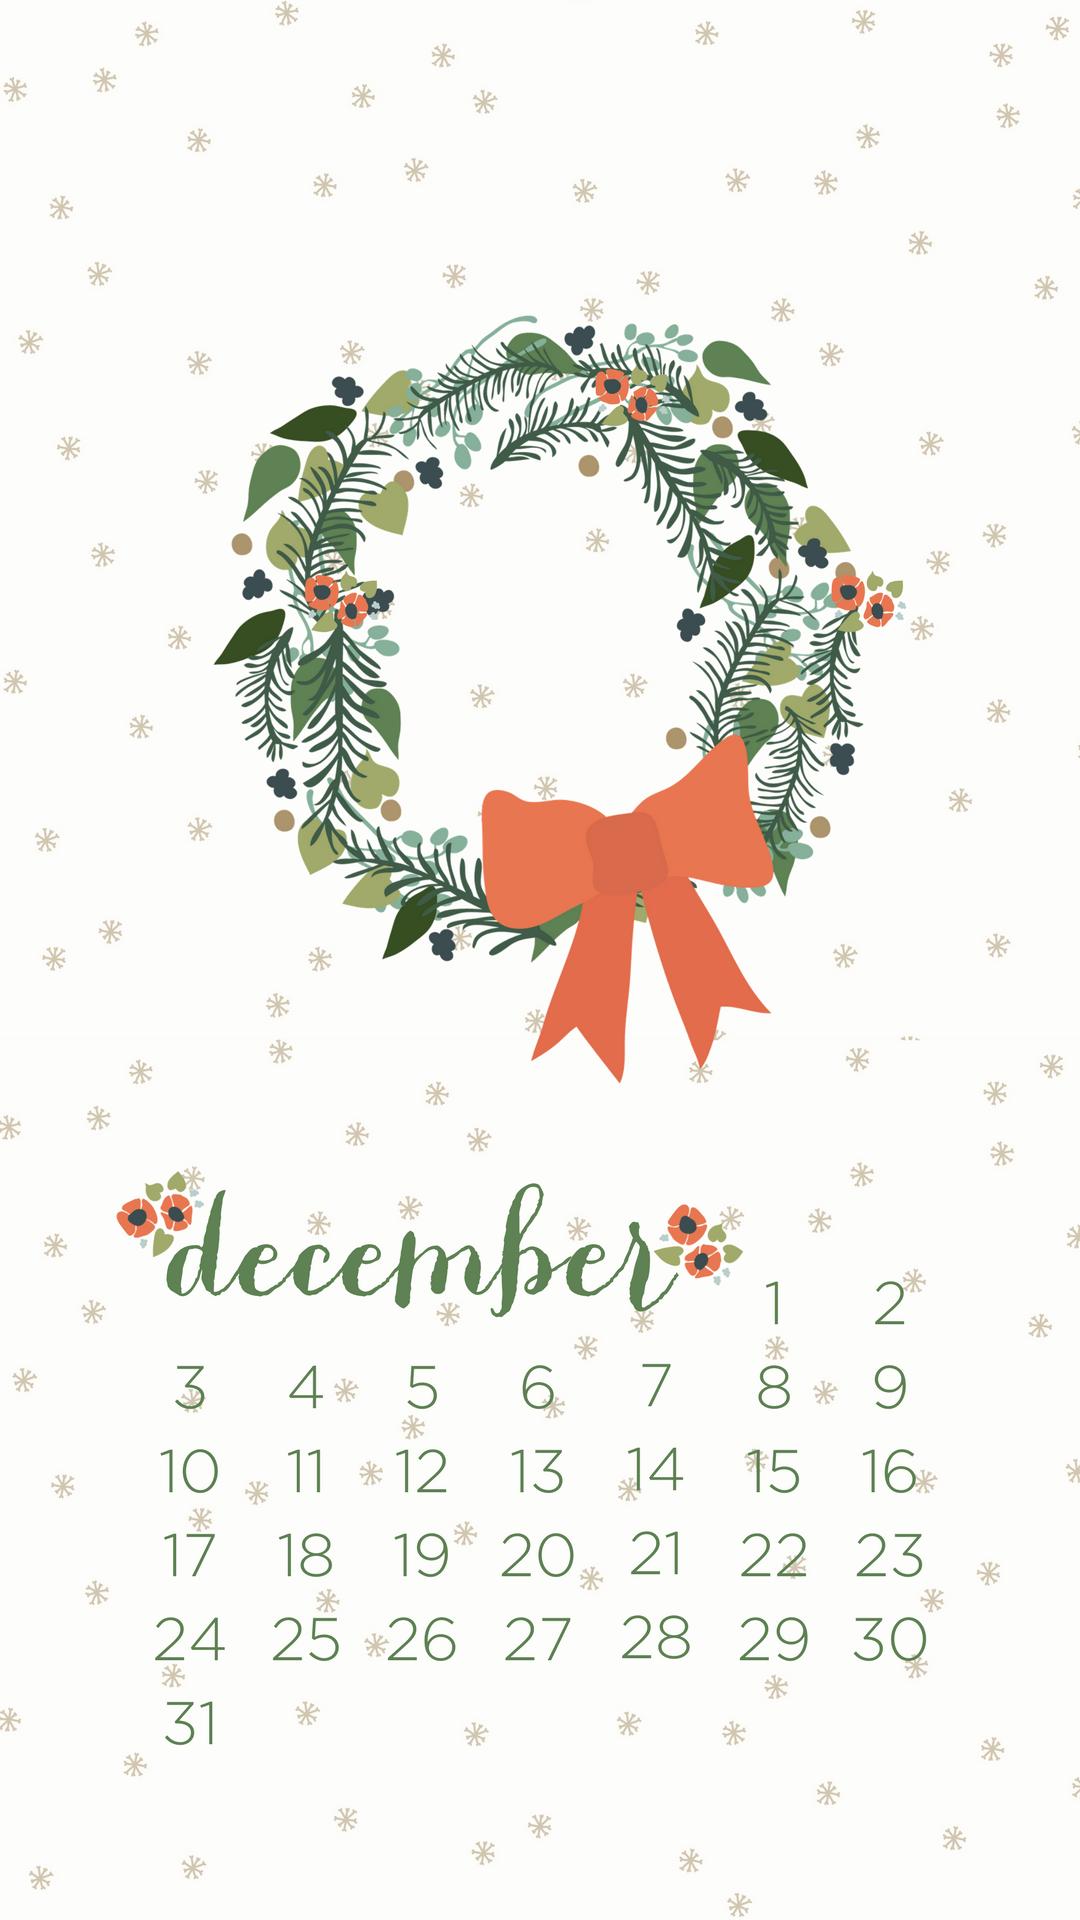 December 2017 Calendar Smart Phone Wallpaper - January 2020 Calendar Wallpaper Iphone , HD Wallpaper & Backgrounds